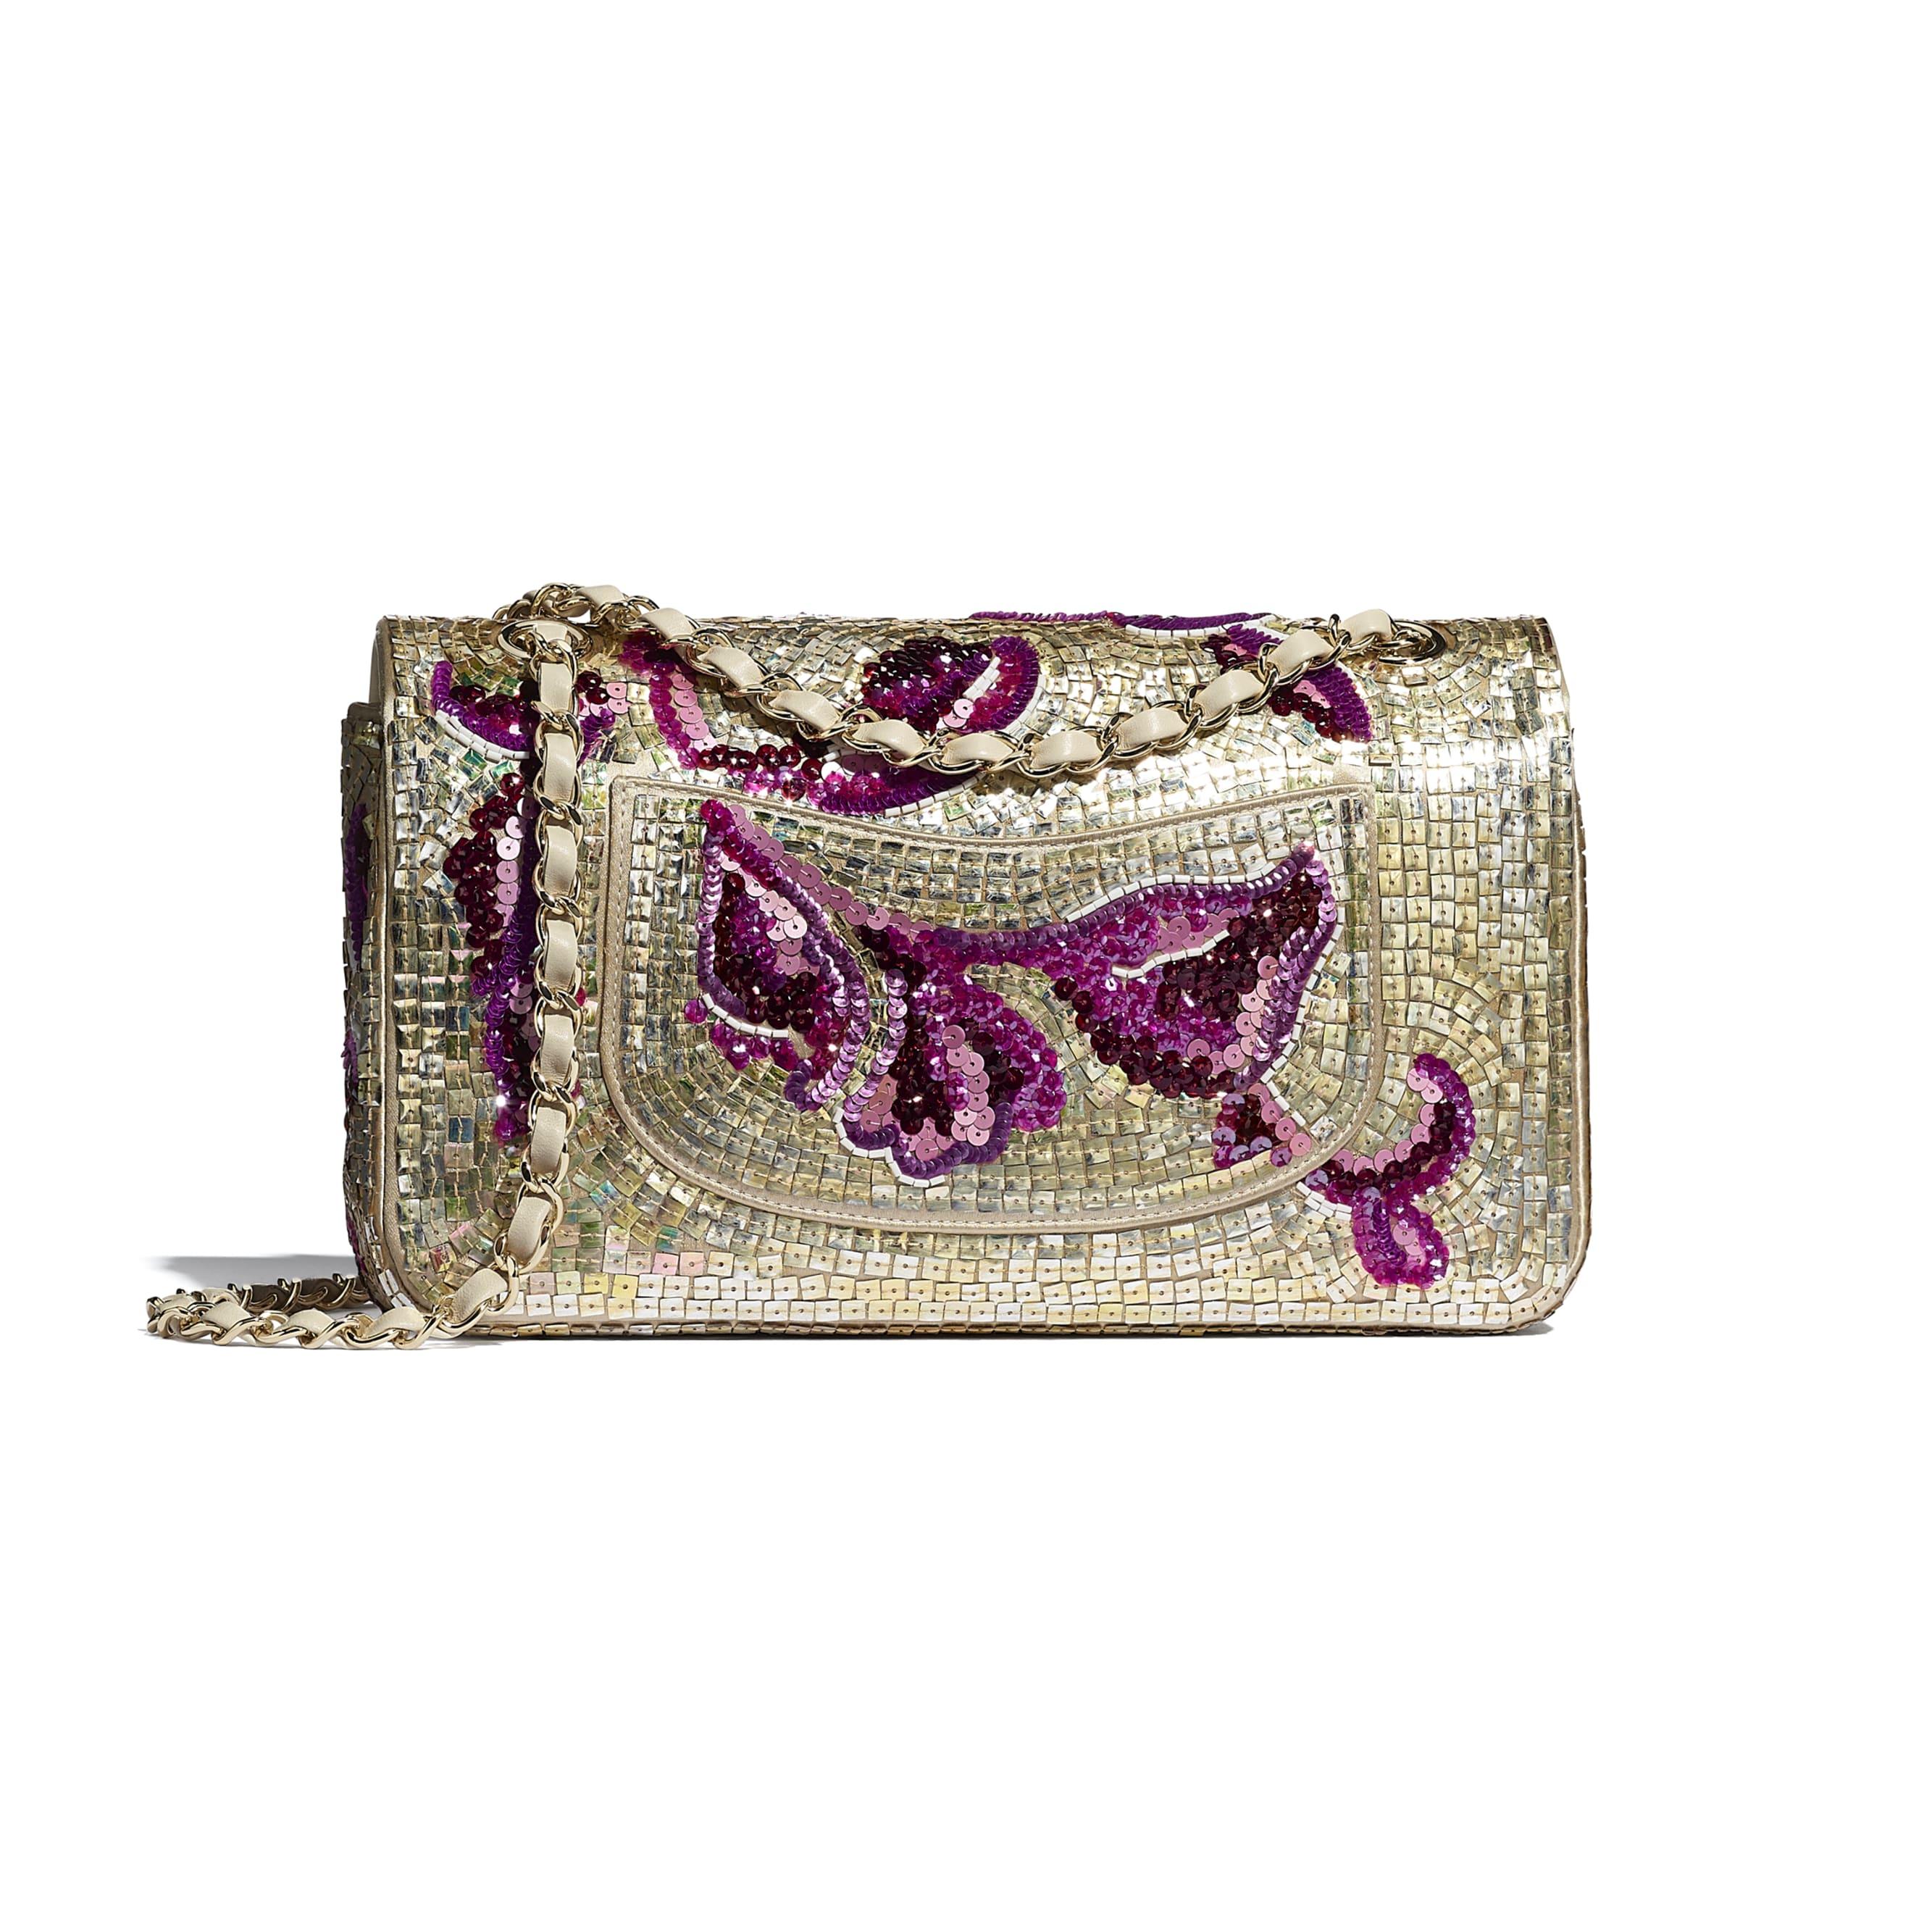 กระเป๋าสะพายคลาสสิก - สีม่วงและสีทอง - ปักเลื่อม มุกแก้ว หนังแกะ และโลหะสีทอง - CHANEL - มุมมองทางอื่น - ดูเวอร์ชันขนาดมาตรฐาน